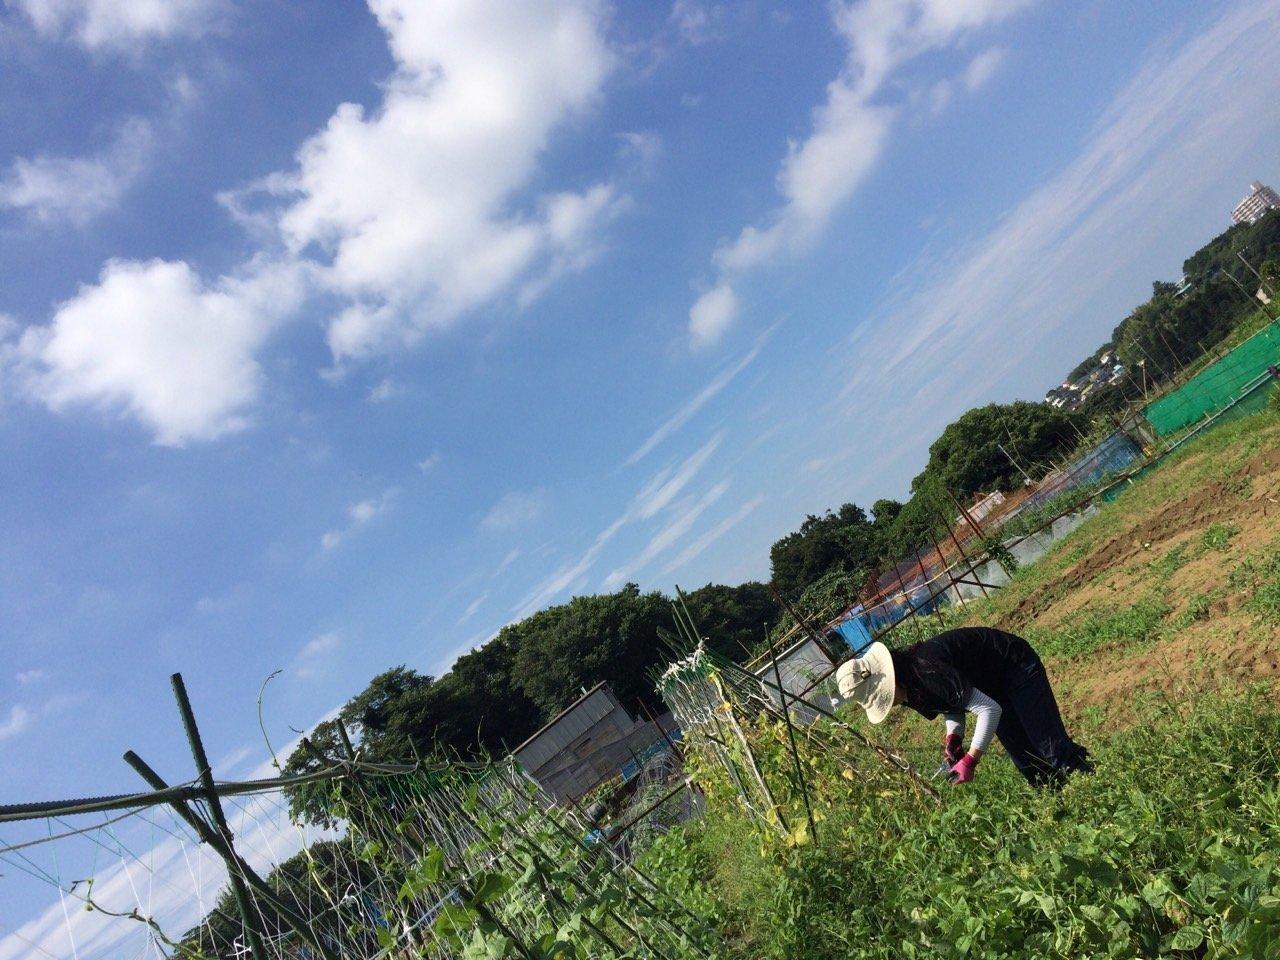 昨日梅雨明けしたらしい・・・畑 猛暑です 草刈り 収穫 今朝は4人体制 水分補給しながら_c0222448_12182889.jpg